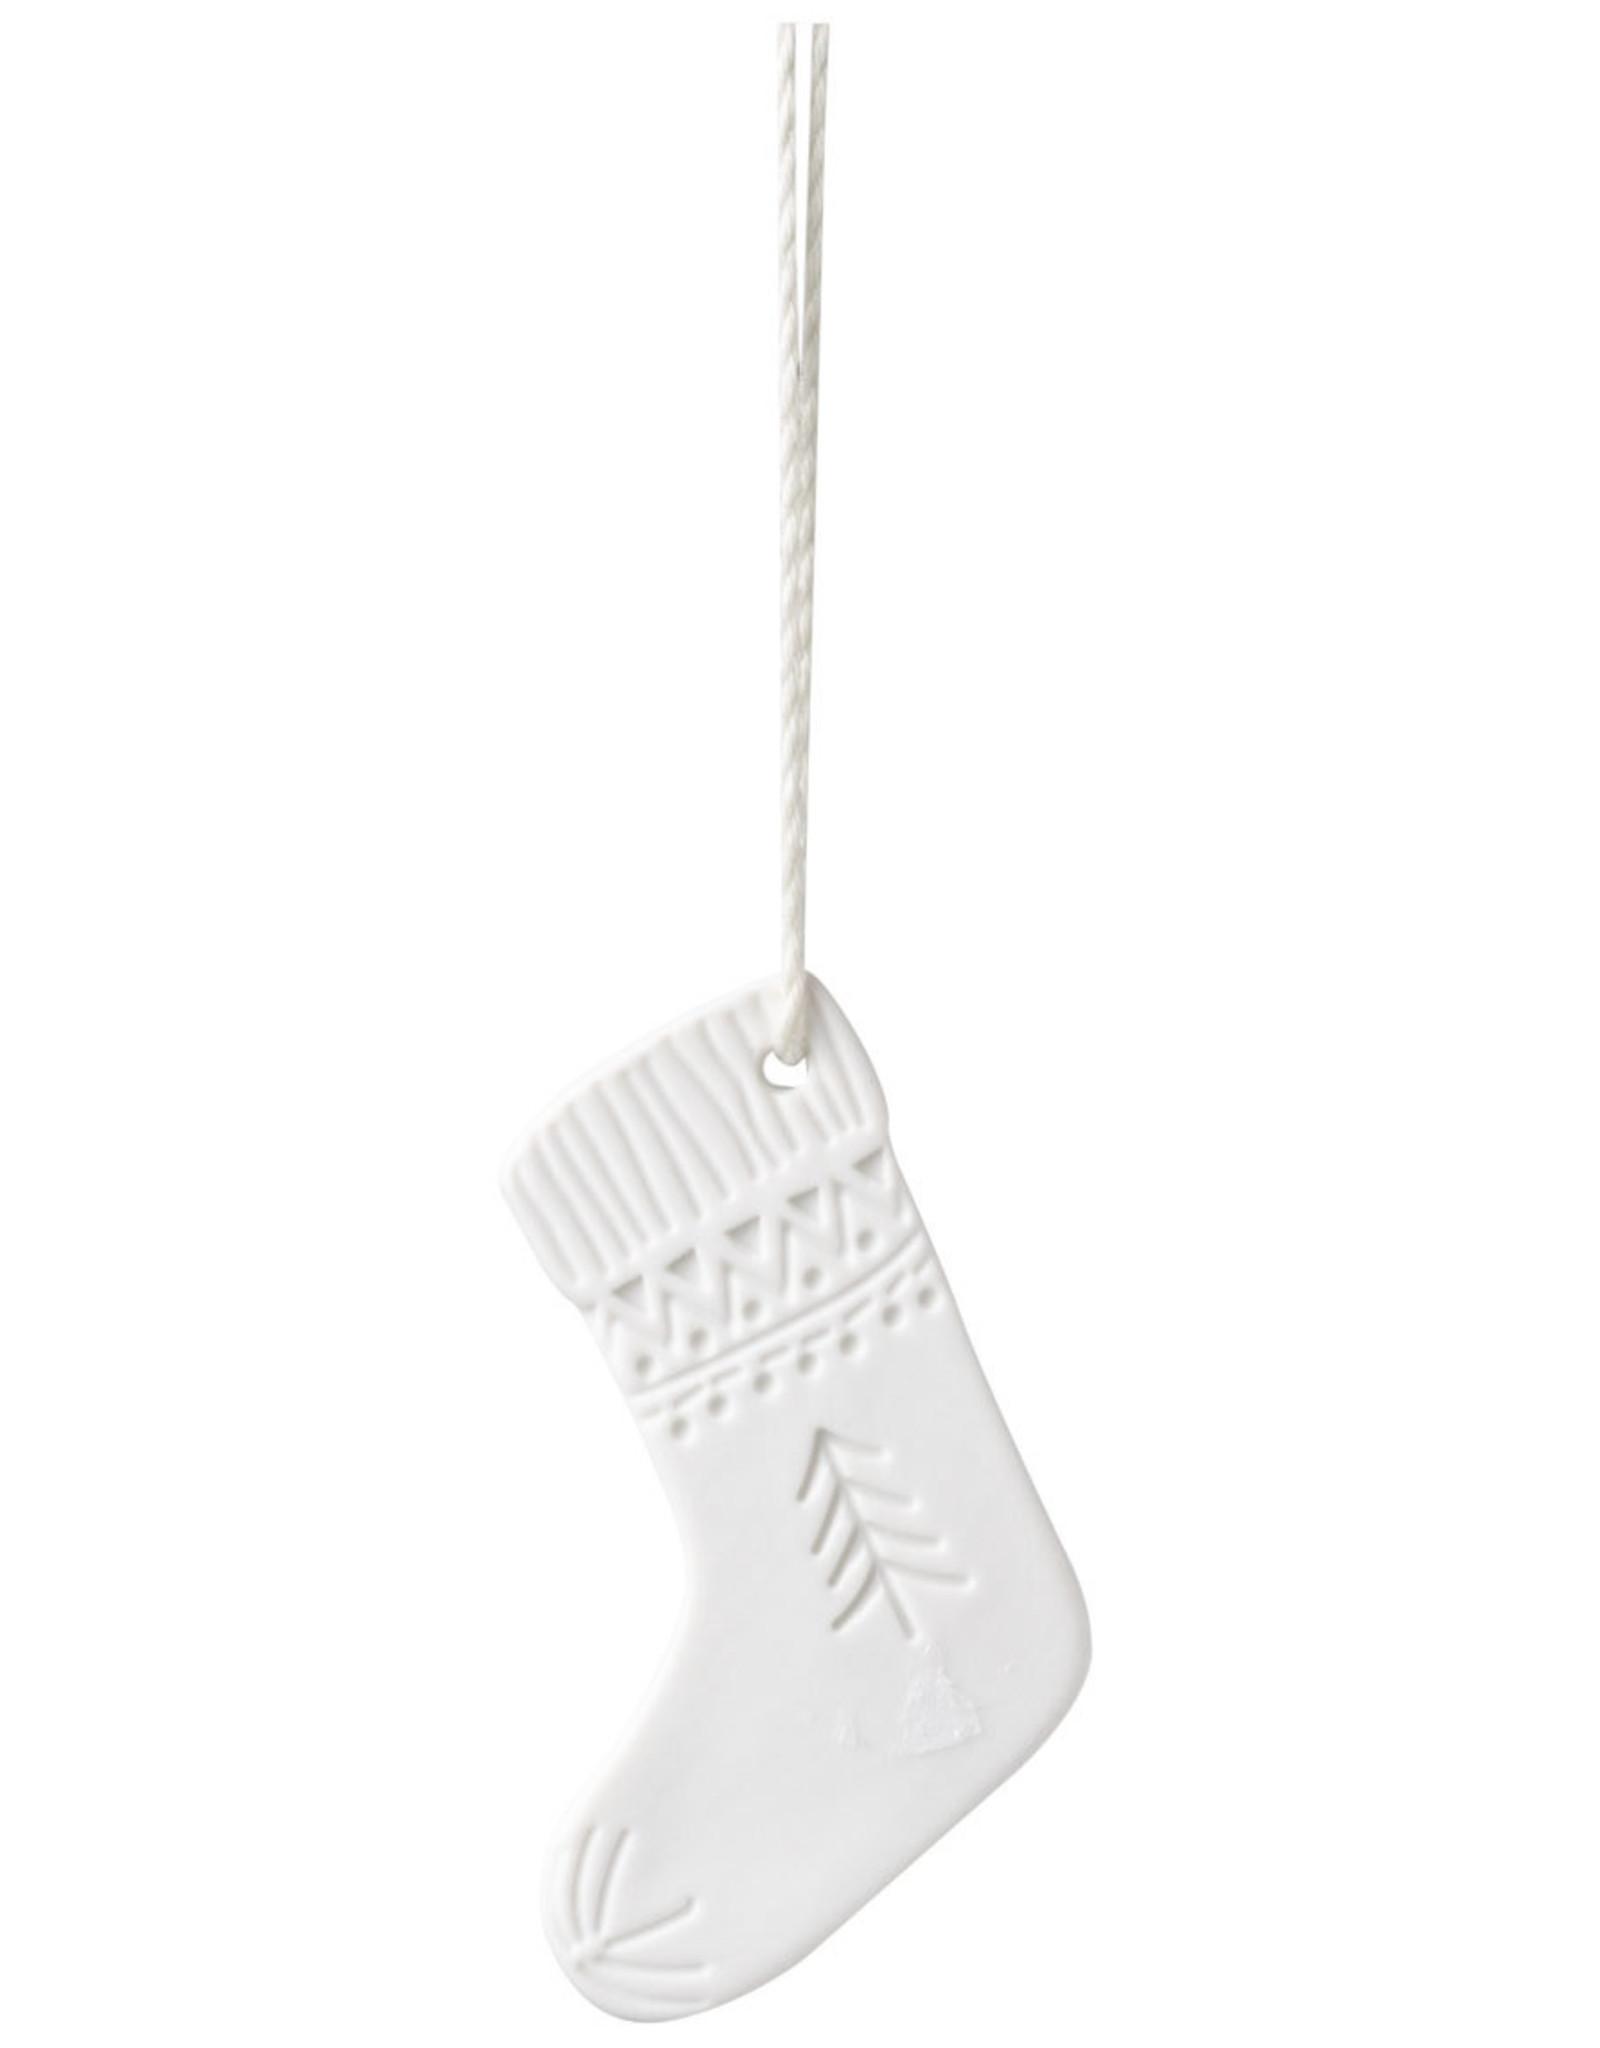 Rader Winter Clothing Sock